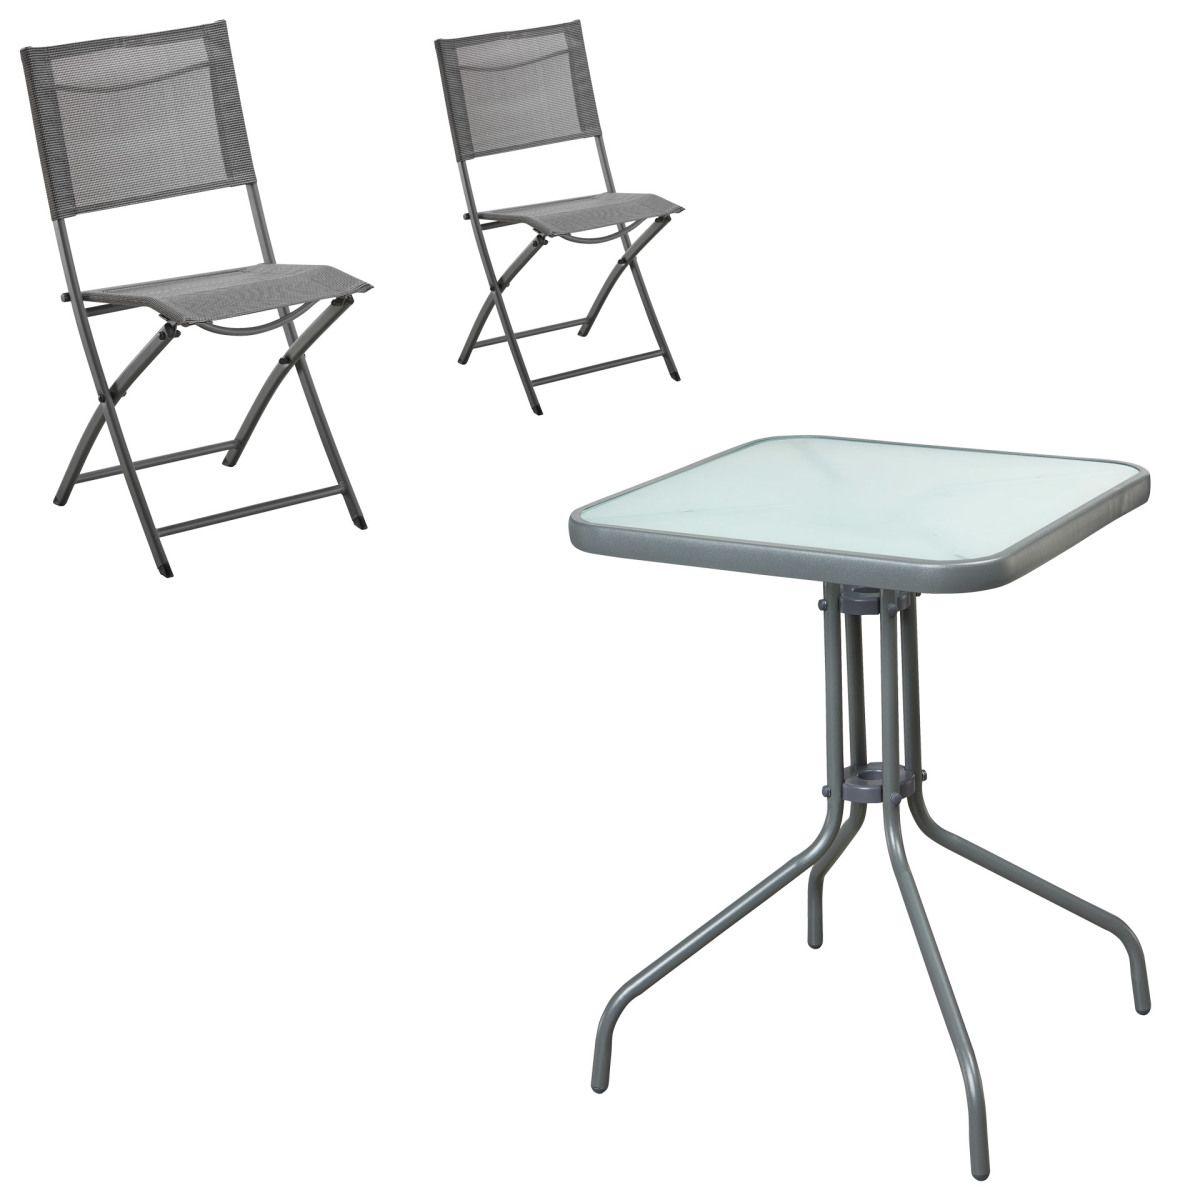 Gartenmöbel Set Larissa/Mexico (60x60, 1 Tisch, 2 Klappstühle